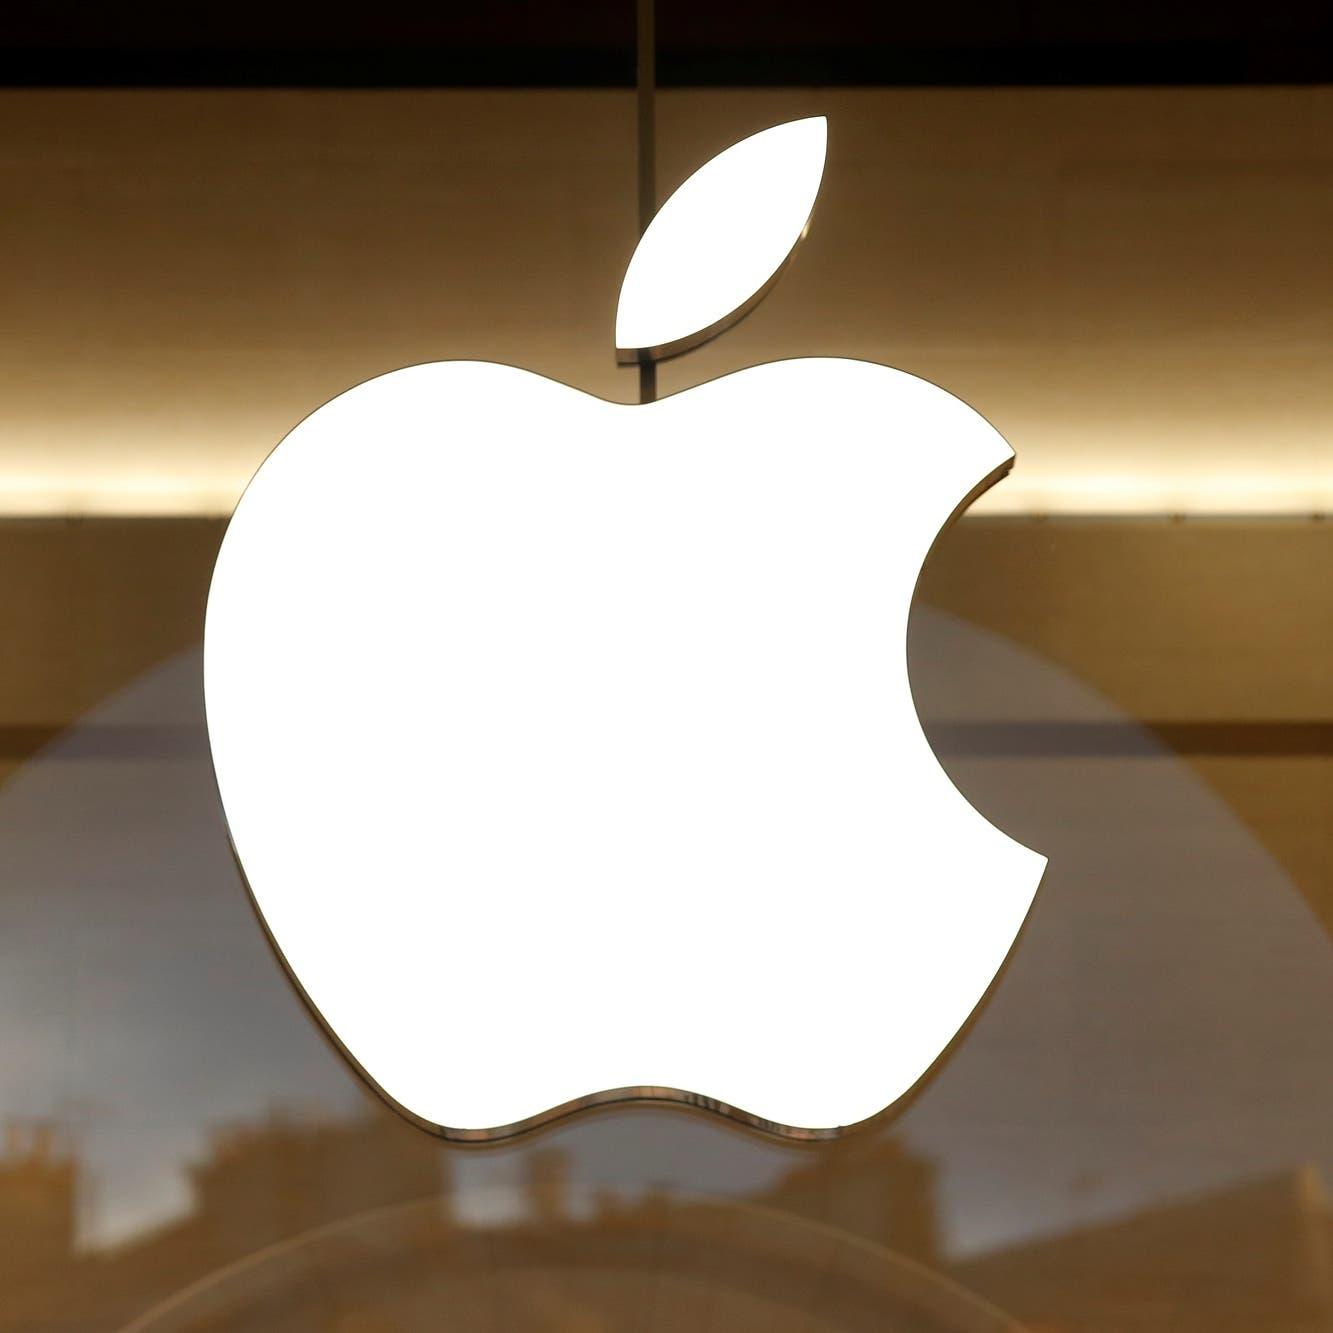 شركة أبل تقدم أكبر تنازل لشركات التطبيقات.. ما هو؟